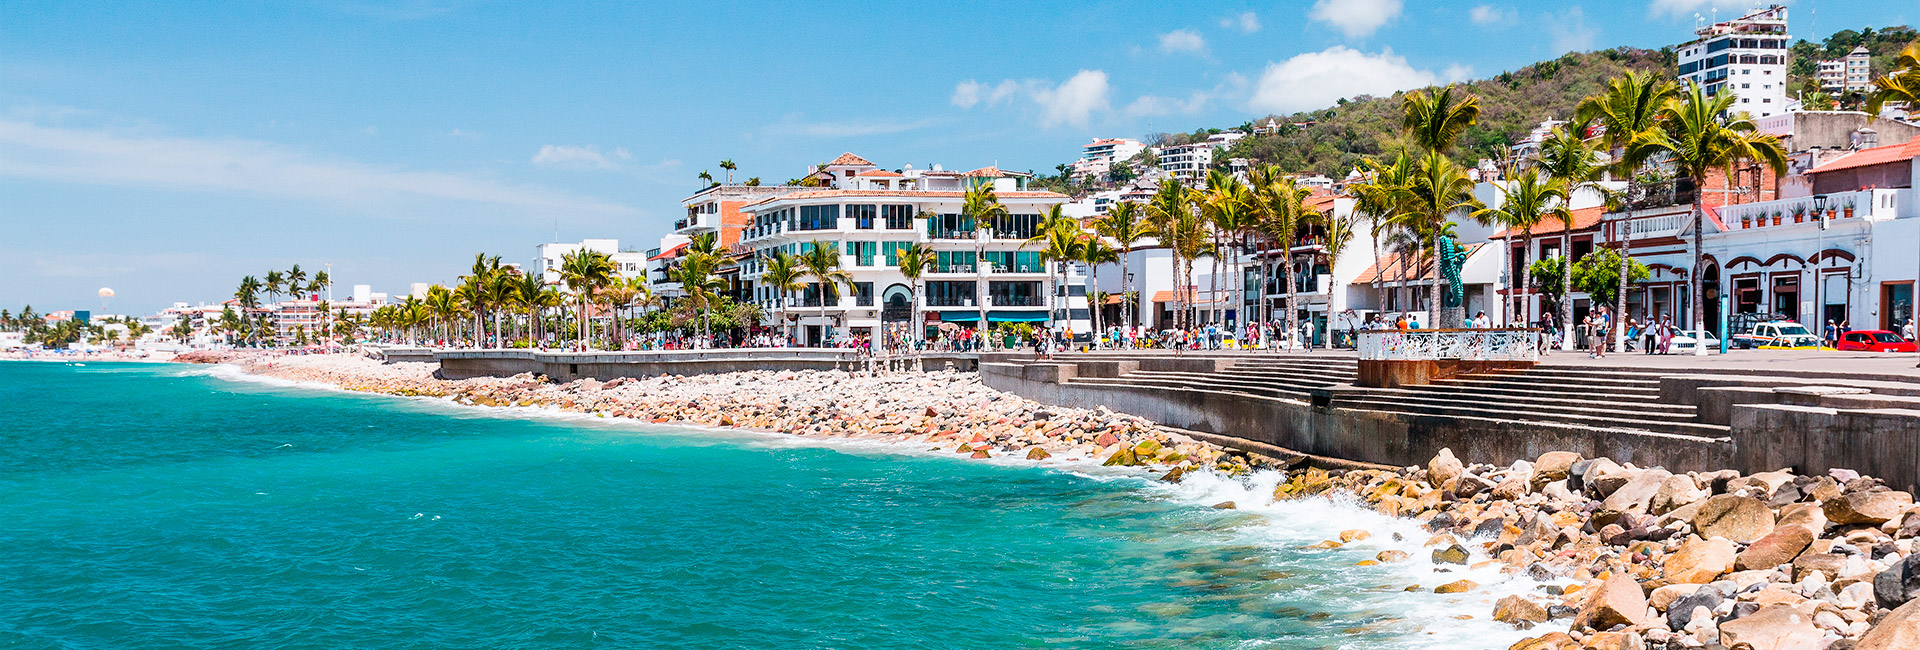 Puerto vallarta news the malecon1920x650